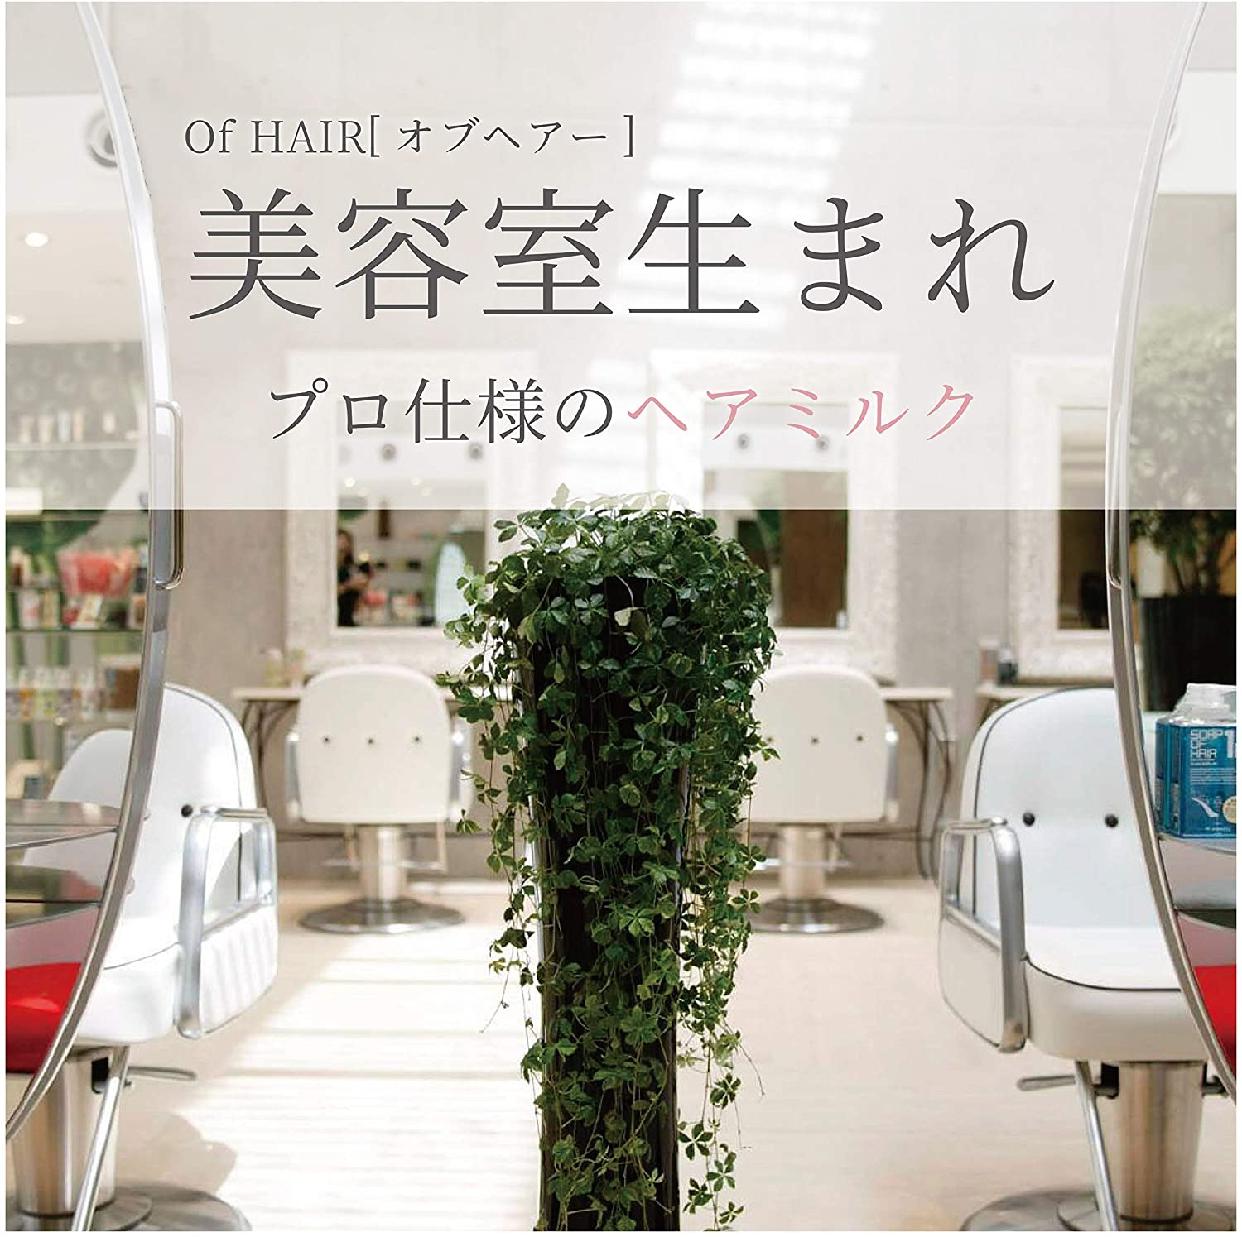 Of cosmetics(オブ・コスメティックス) ヘアミルクオブヘア・5.5Maの商品画像2